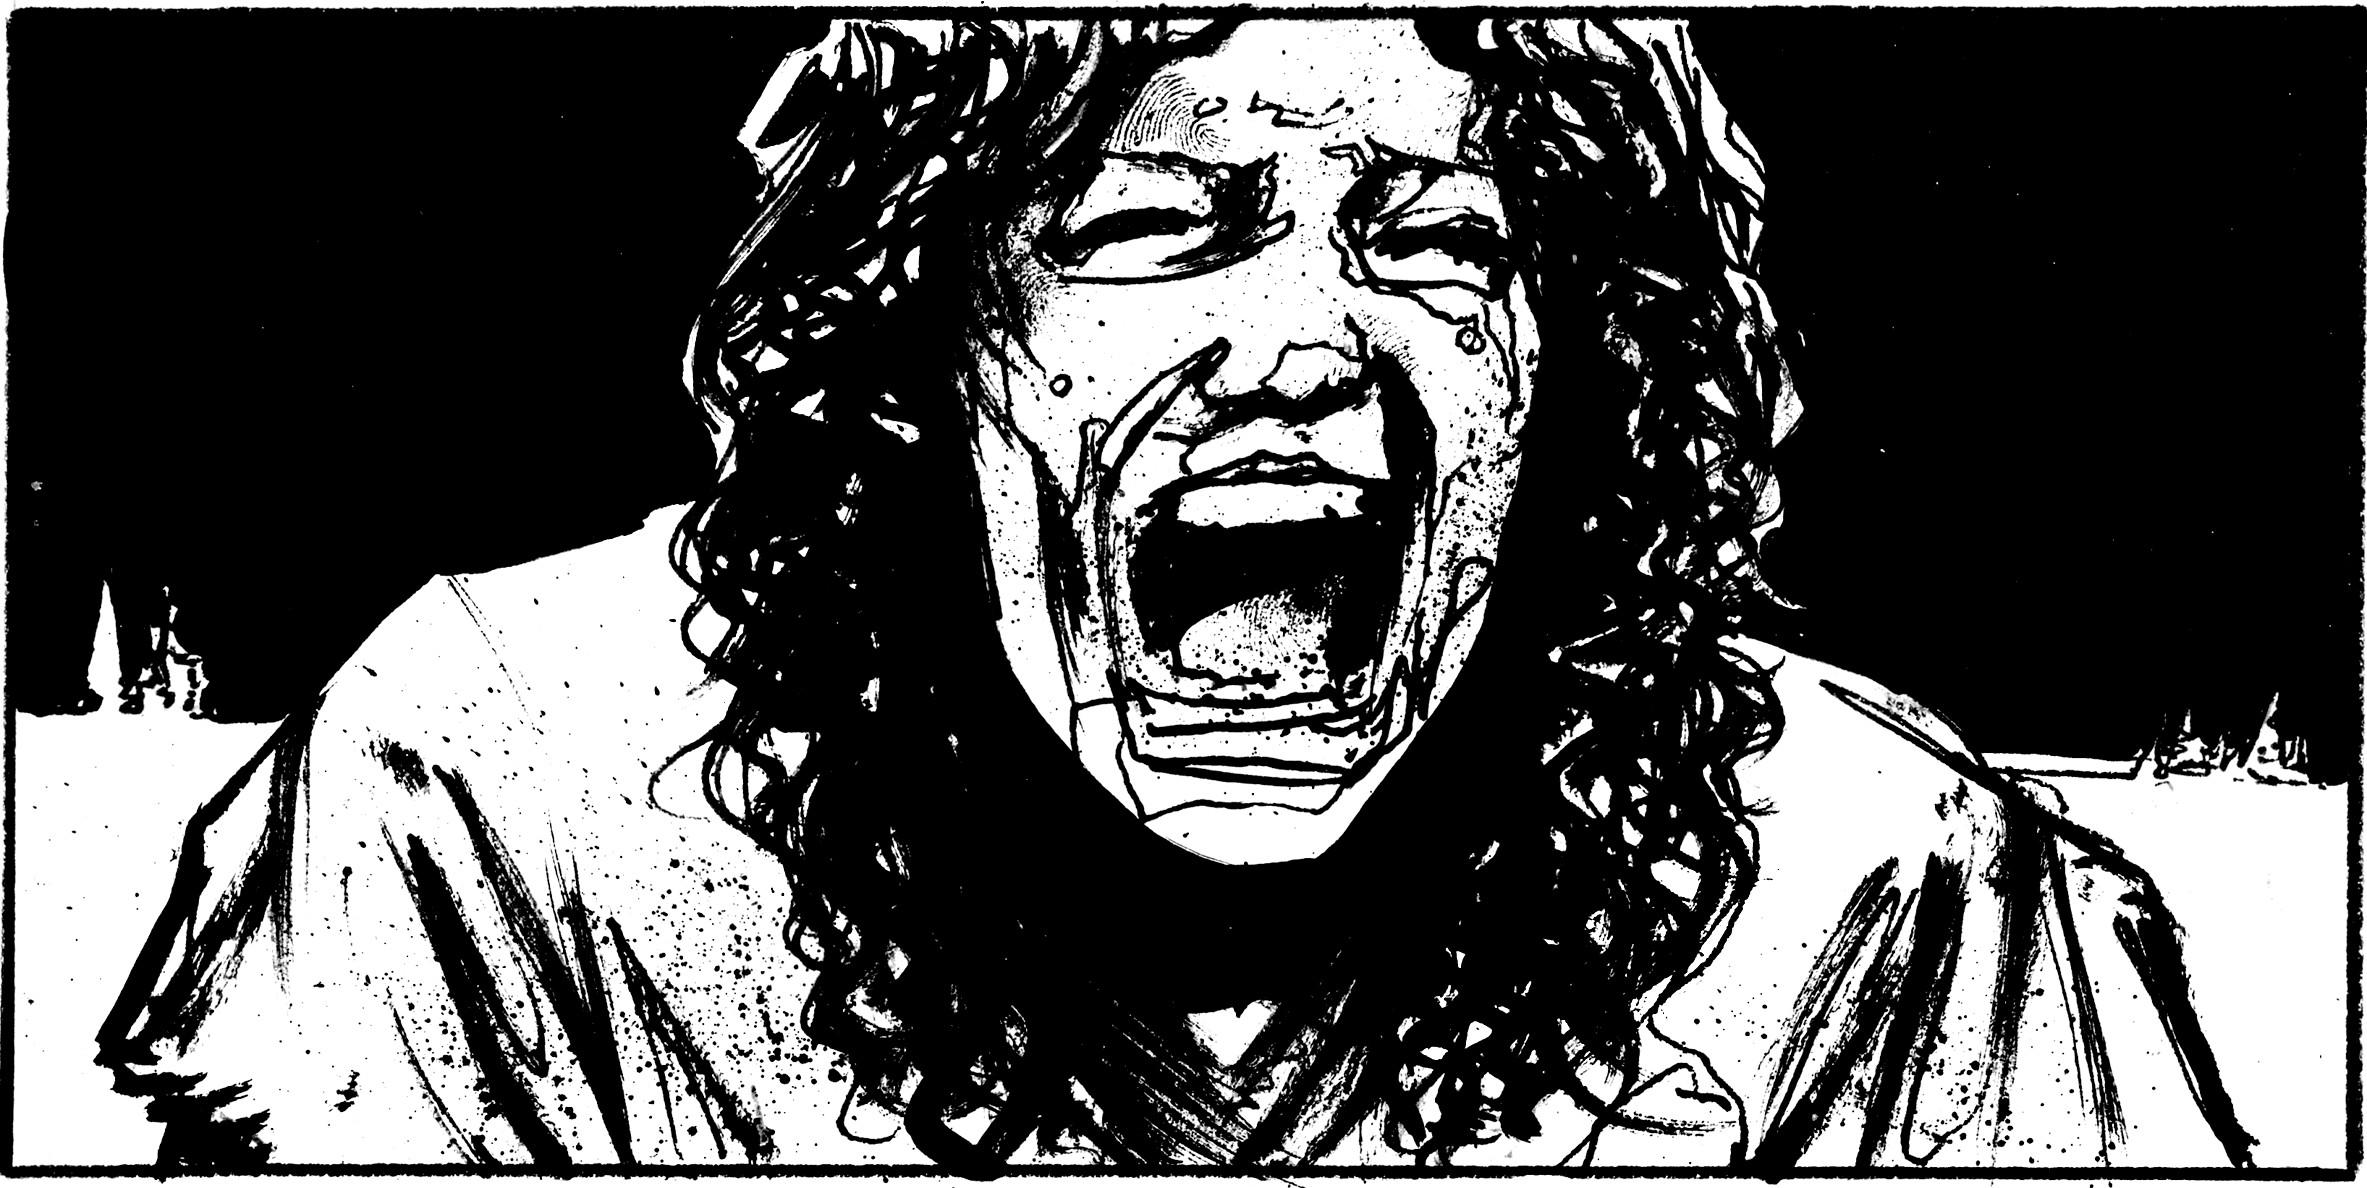 The Empties graphic novel character Helen